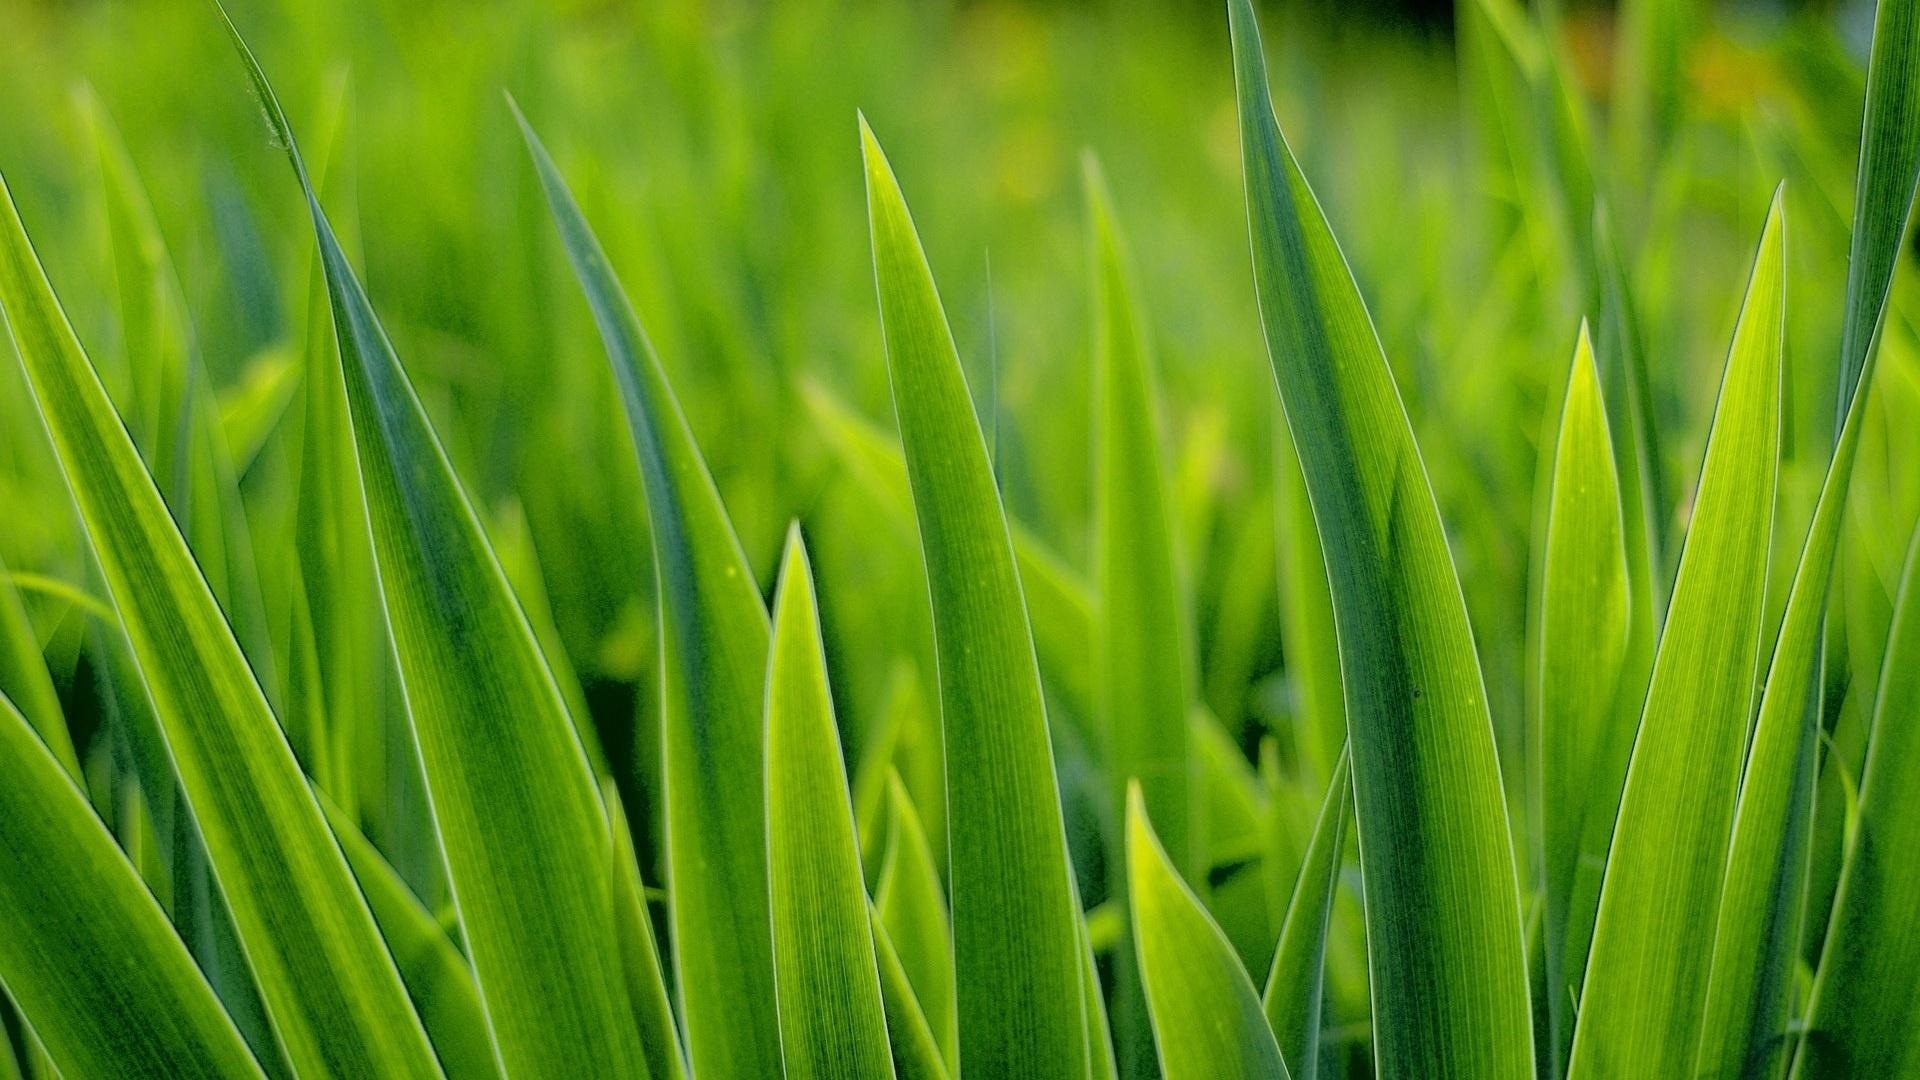 Green Grass Wallpaper theme